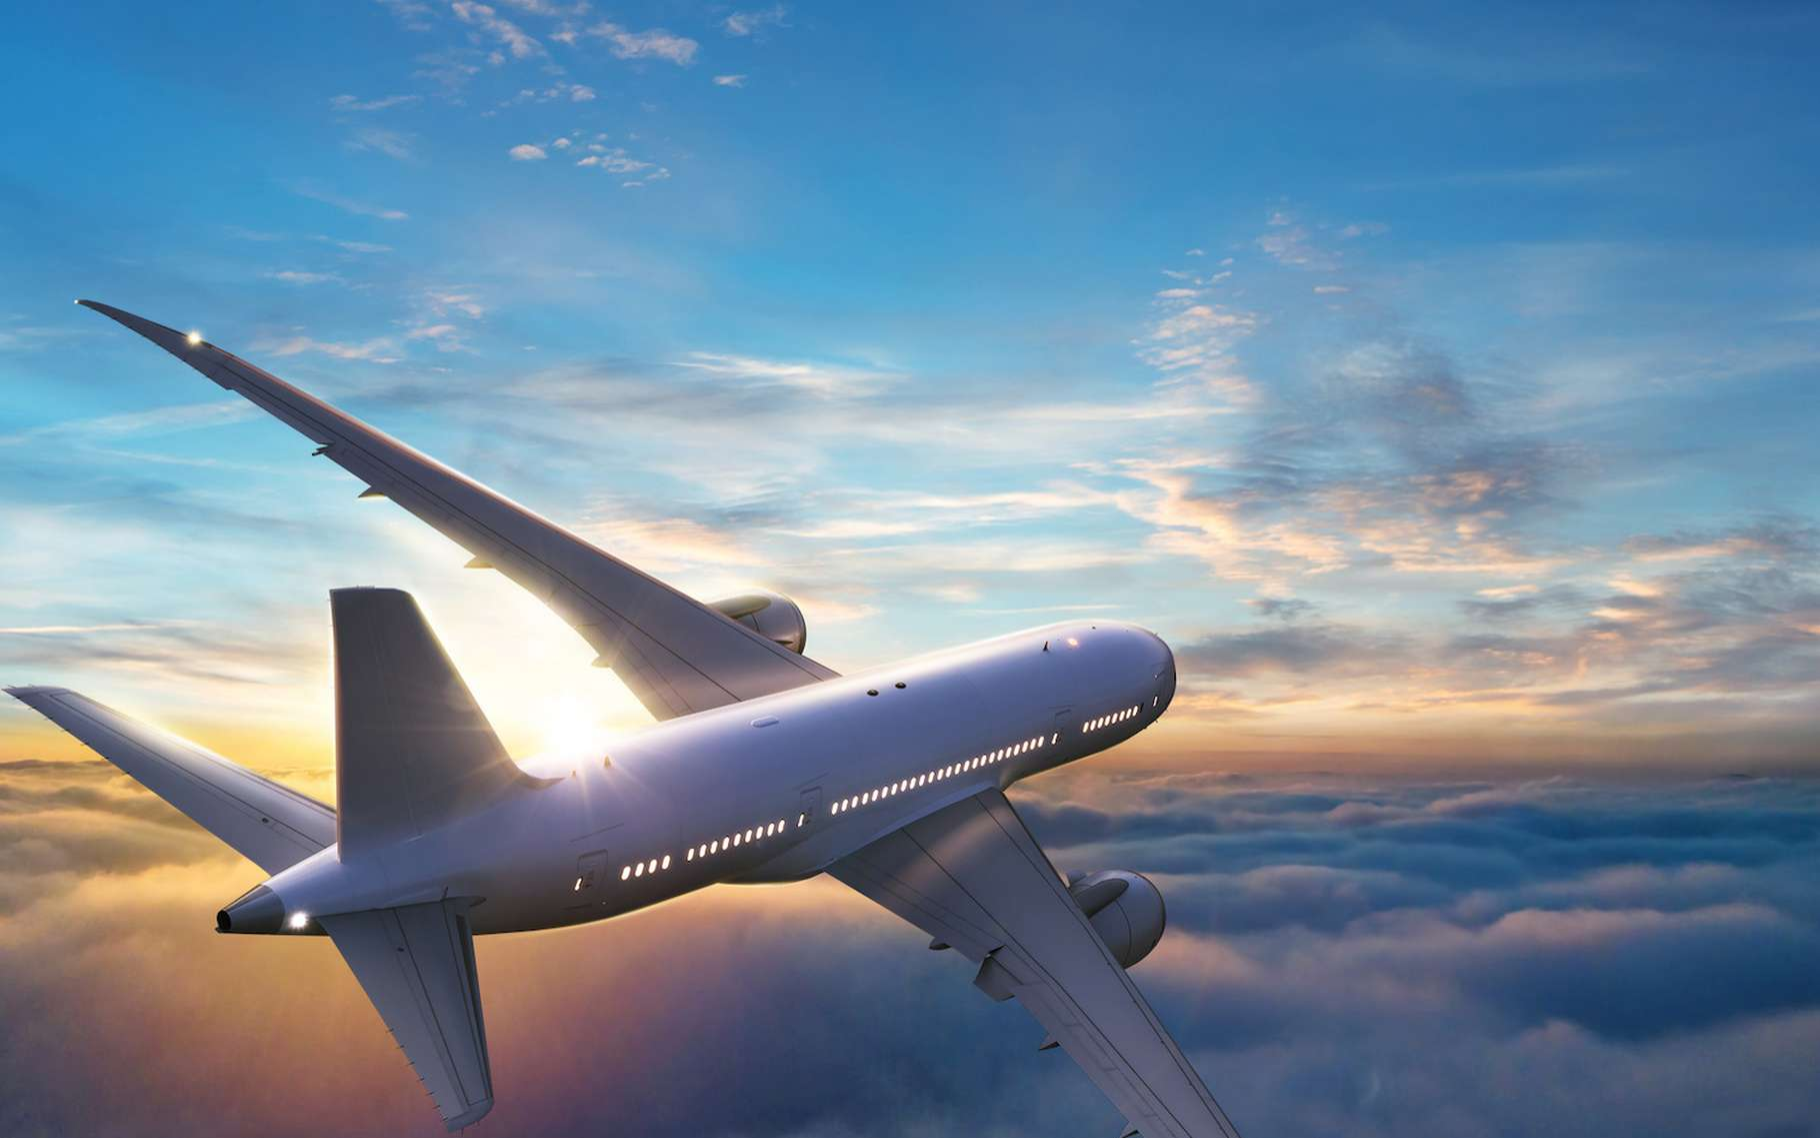 Les matériaux composites aéronautiques apportent aux avions une légèreté bienvenue dans le cadre des dernières réglementations environnementales qui encouragent les constructeurs à réduire leur empreinte carbone. © Jag_cz, Fotolia